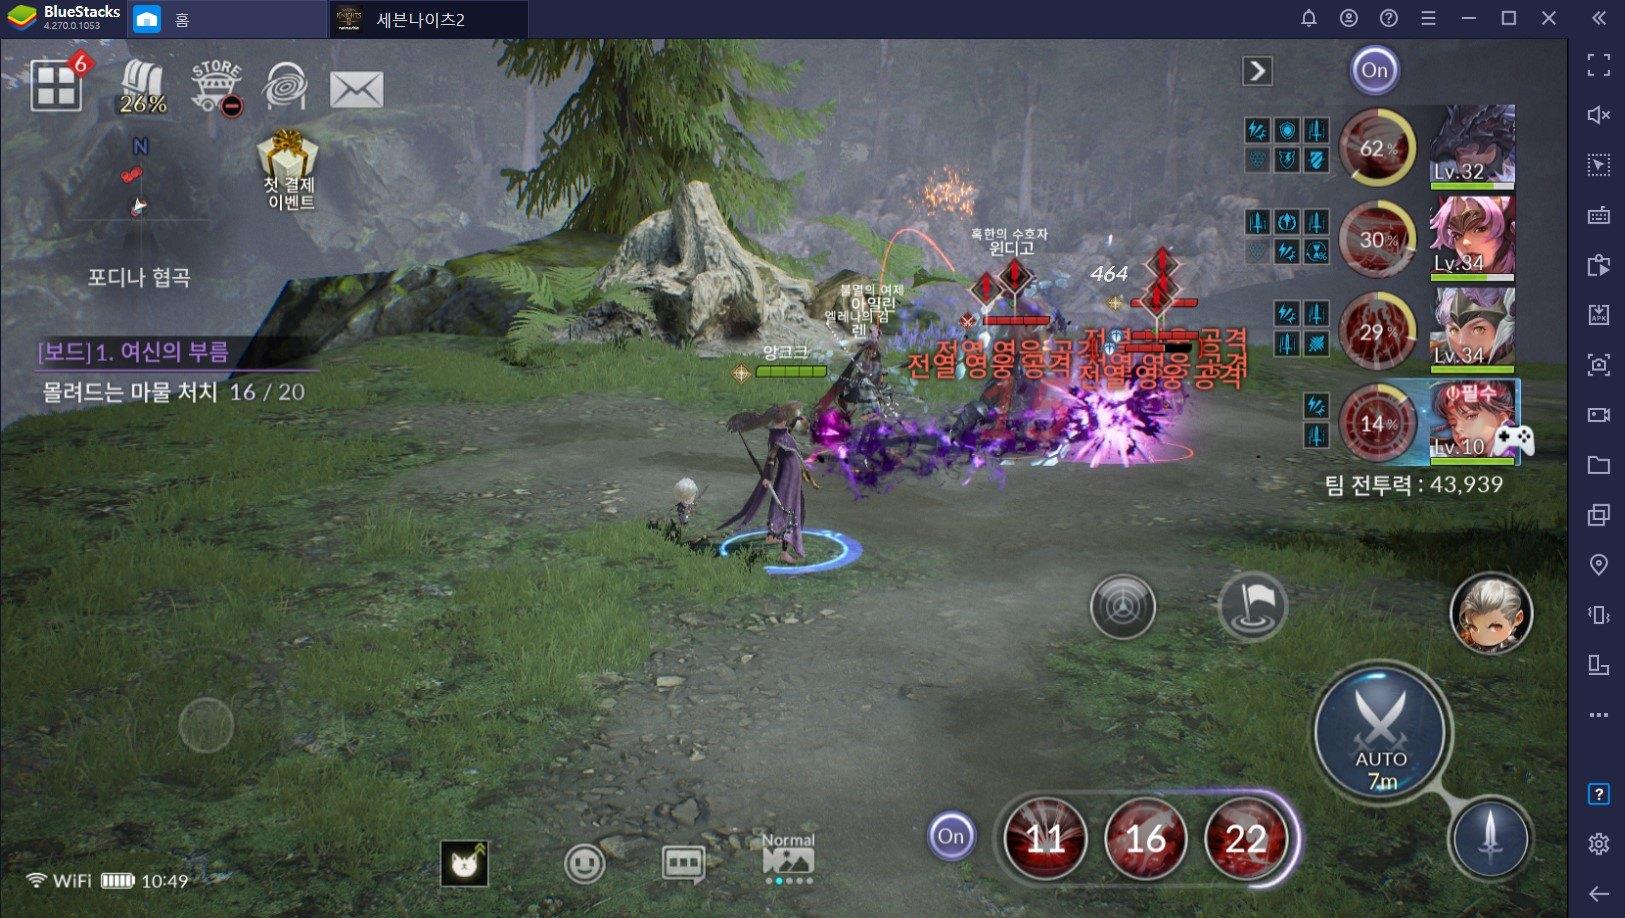 세븐나이츠2 신규 전설 영웅 '엘레나의 검 주주' 등장, 주주의 능력을 PC에서 체험해봐요